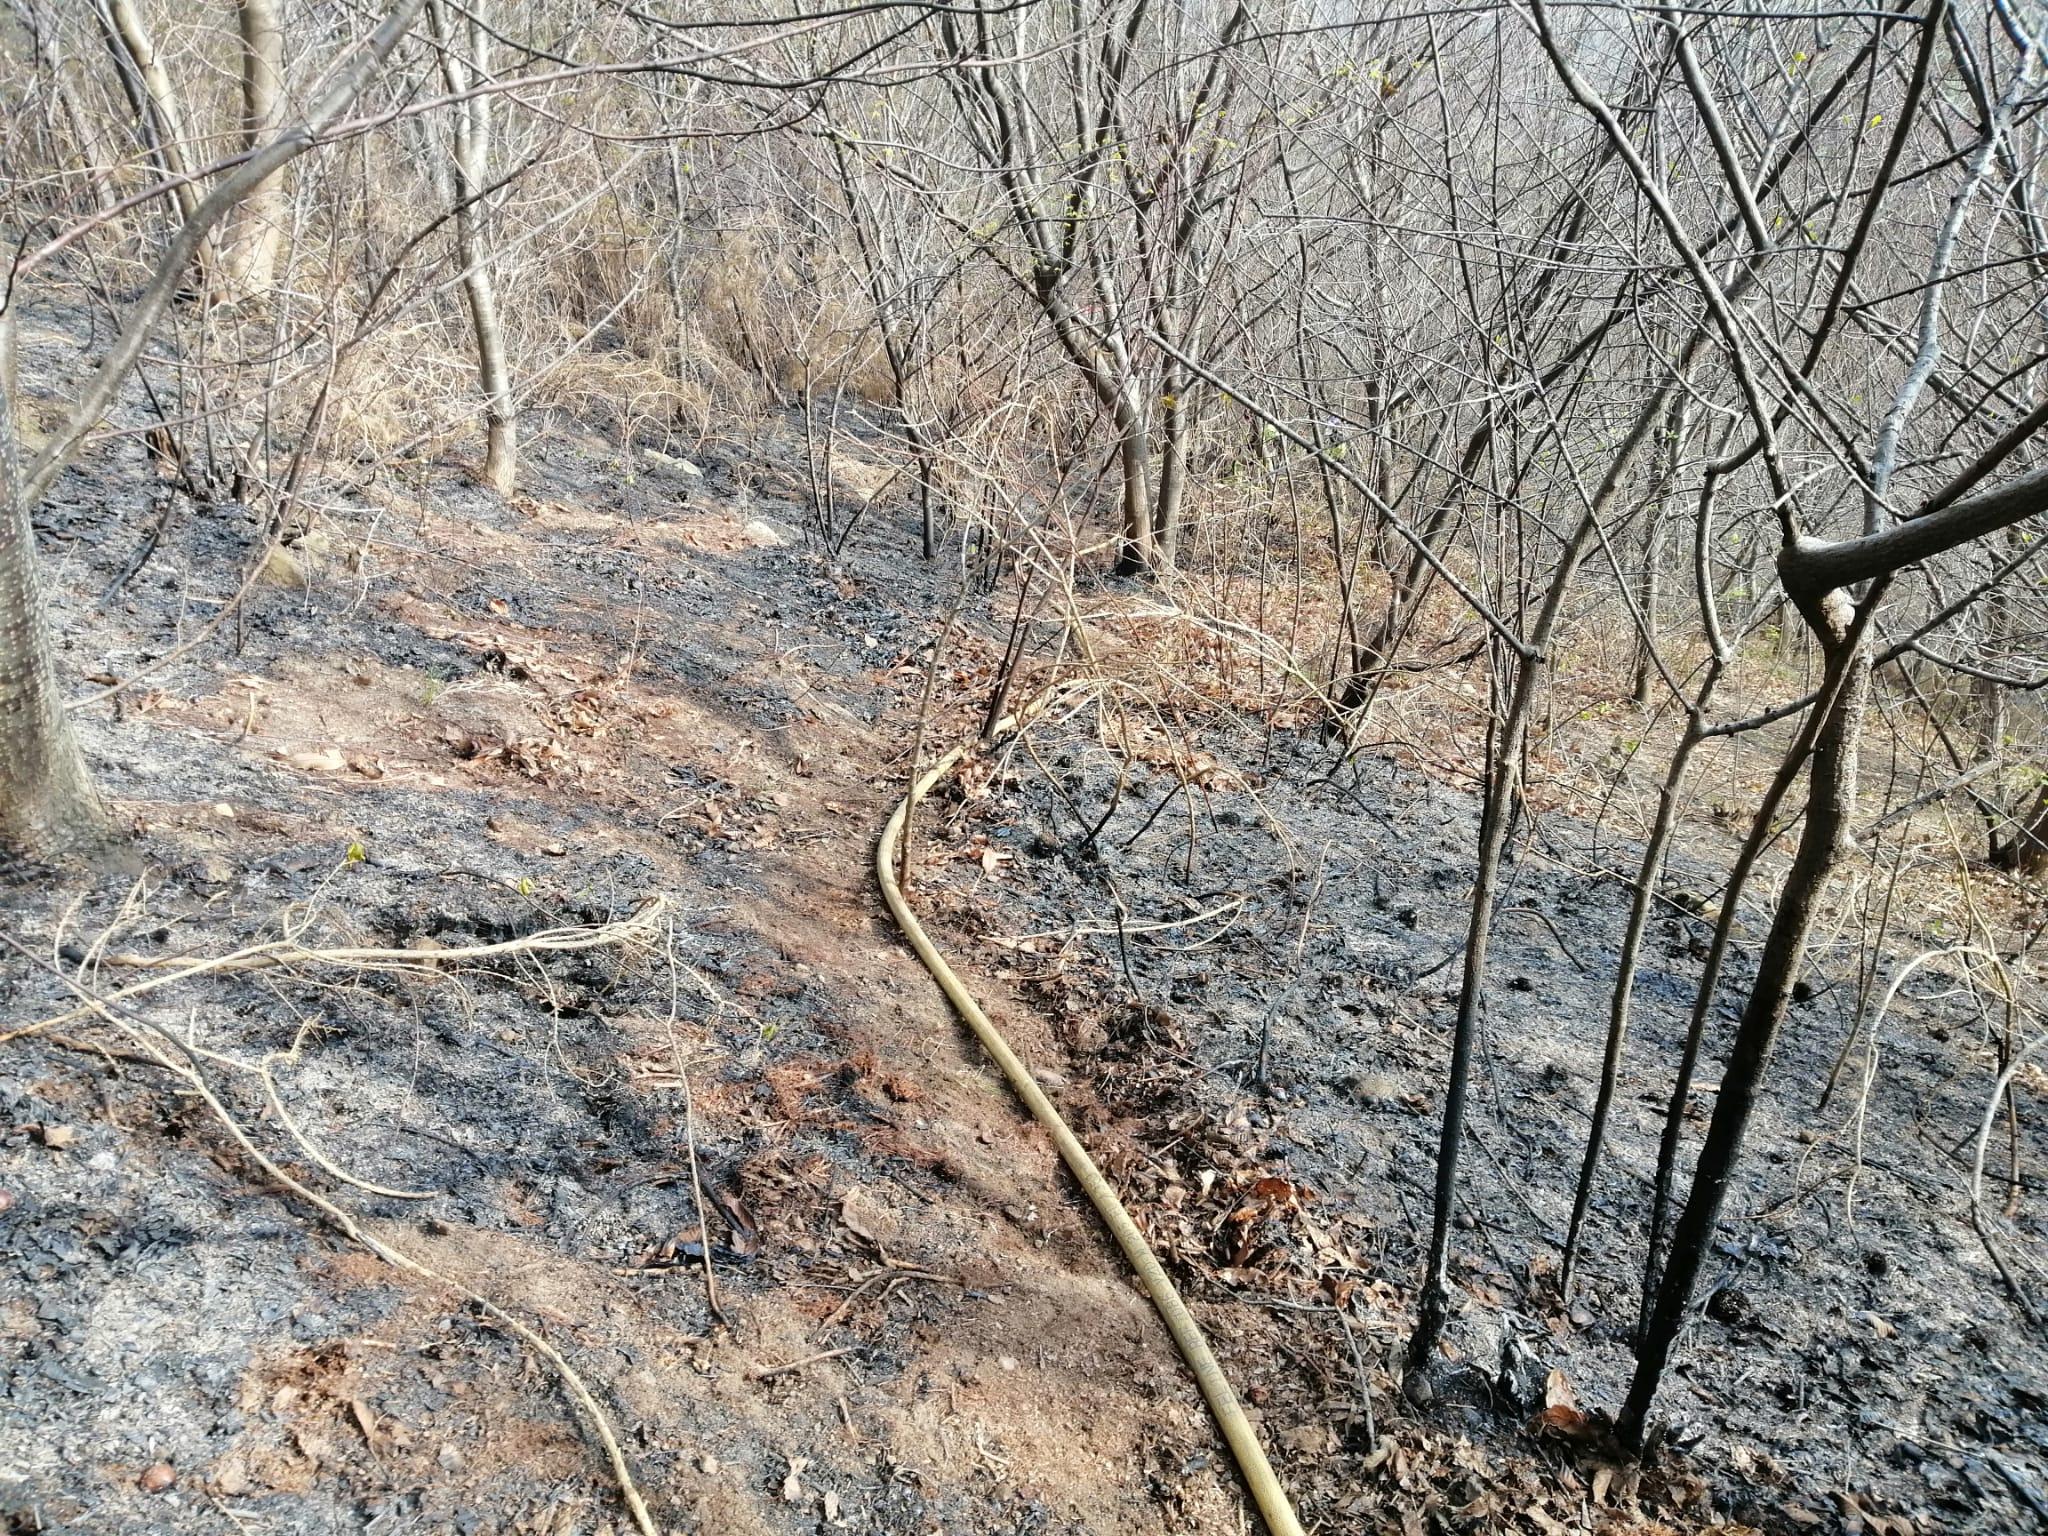 Imagen de la zona quemada. Foto: Bomberos de Euskadi